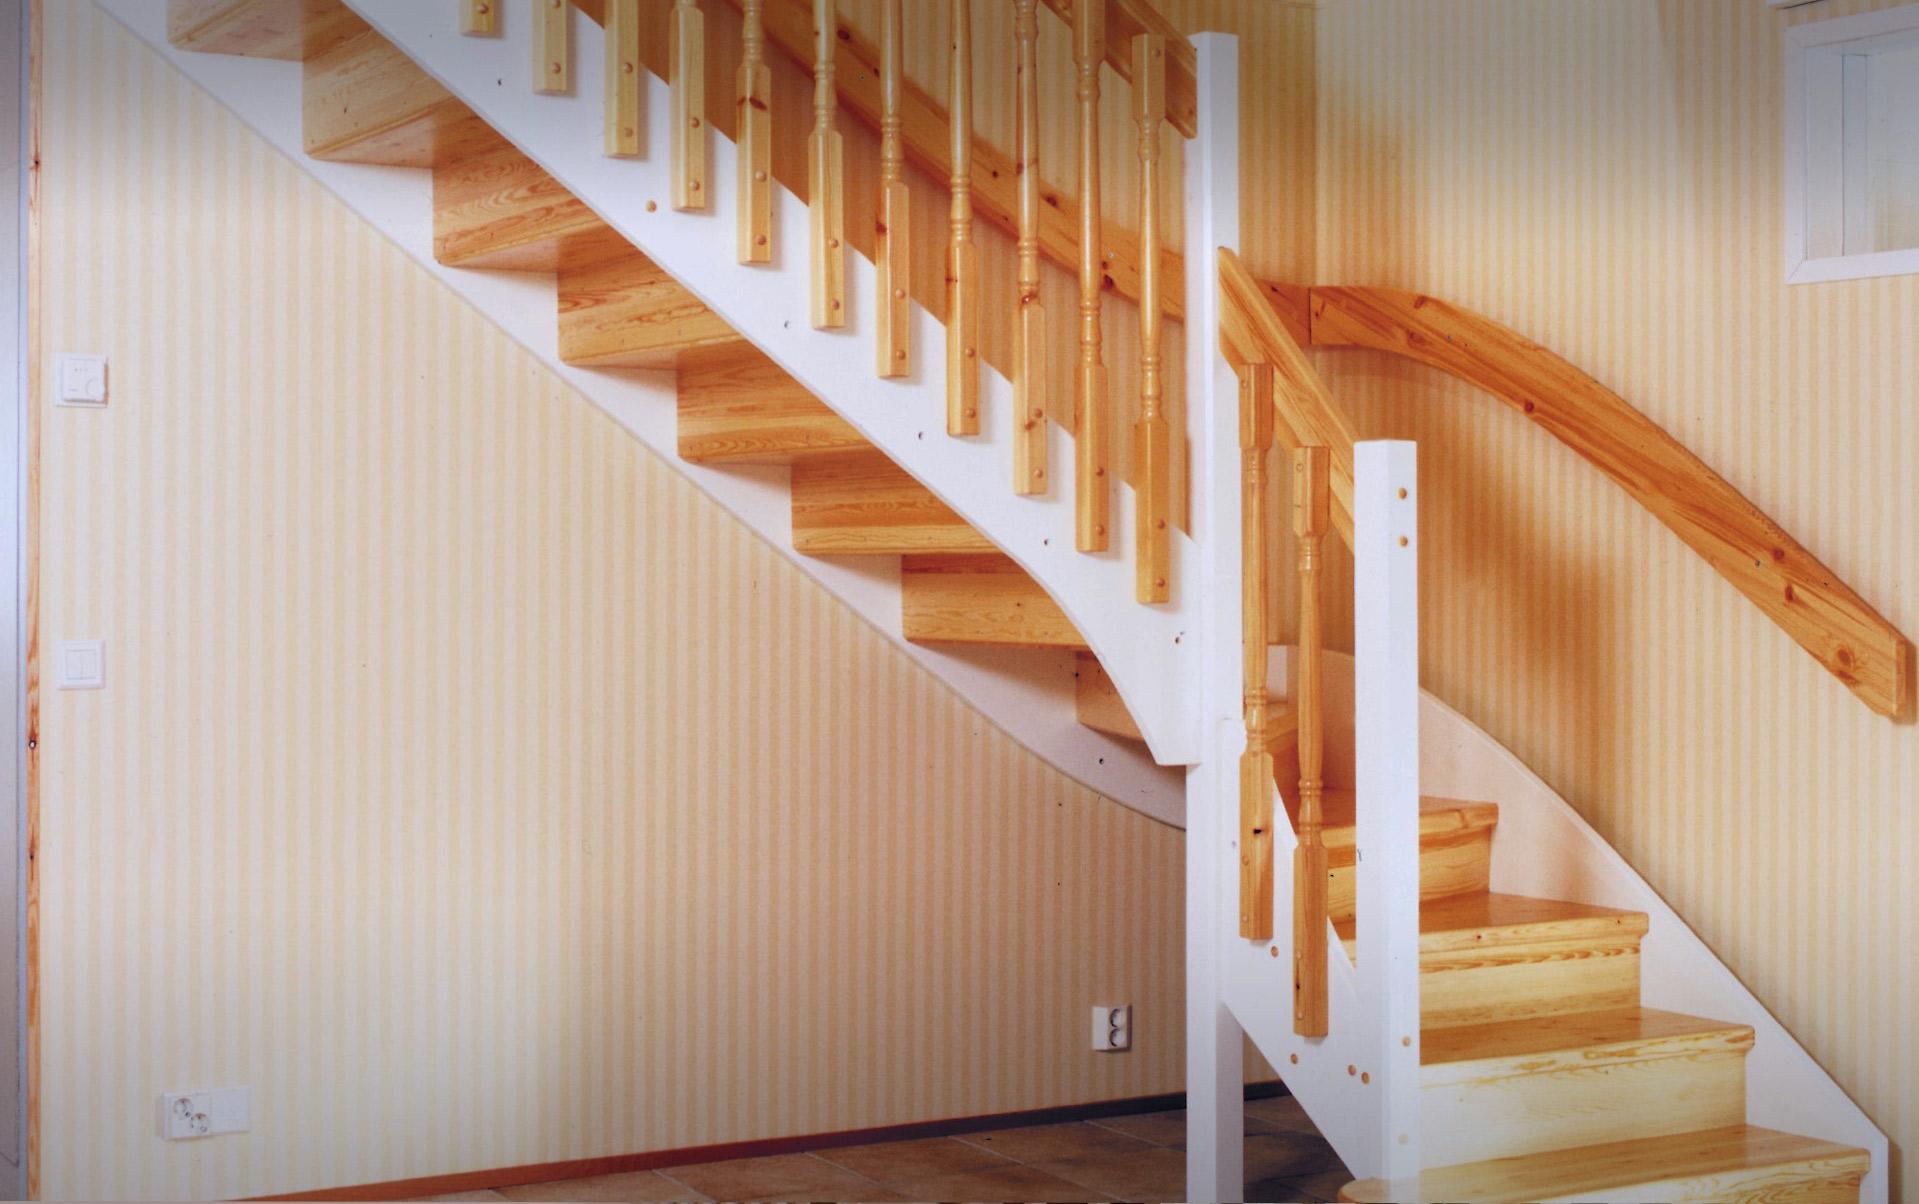 Maalaisromanttinen portaikko puukaiteella, K1 Lappiporras.